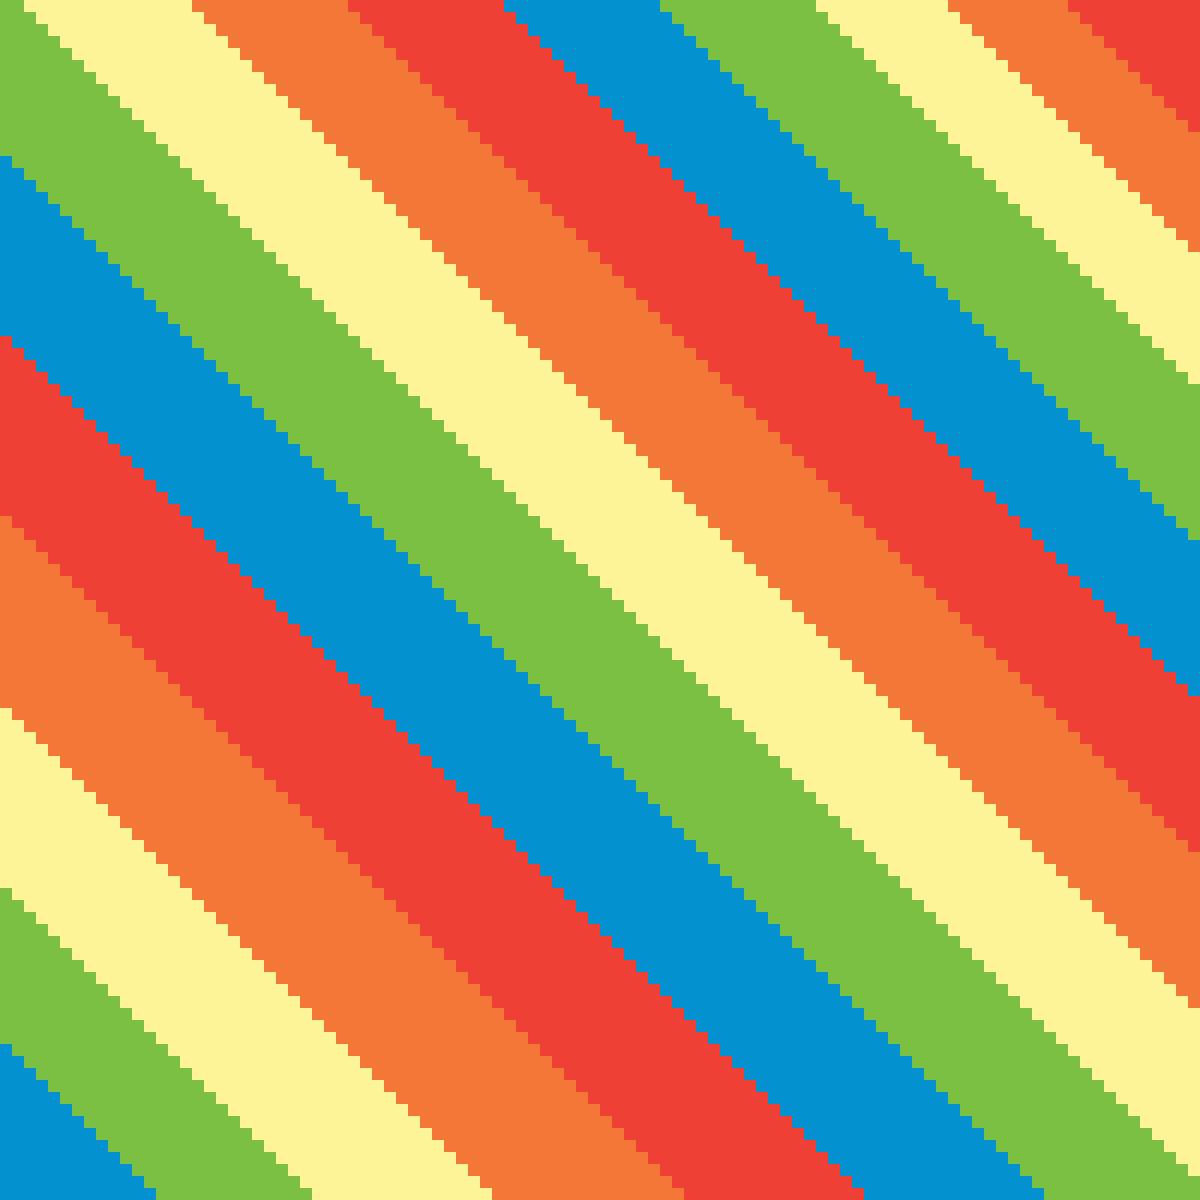 main-image-Rainbow  by ThatWeirdKidddd